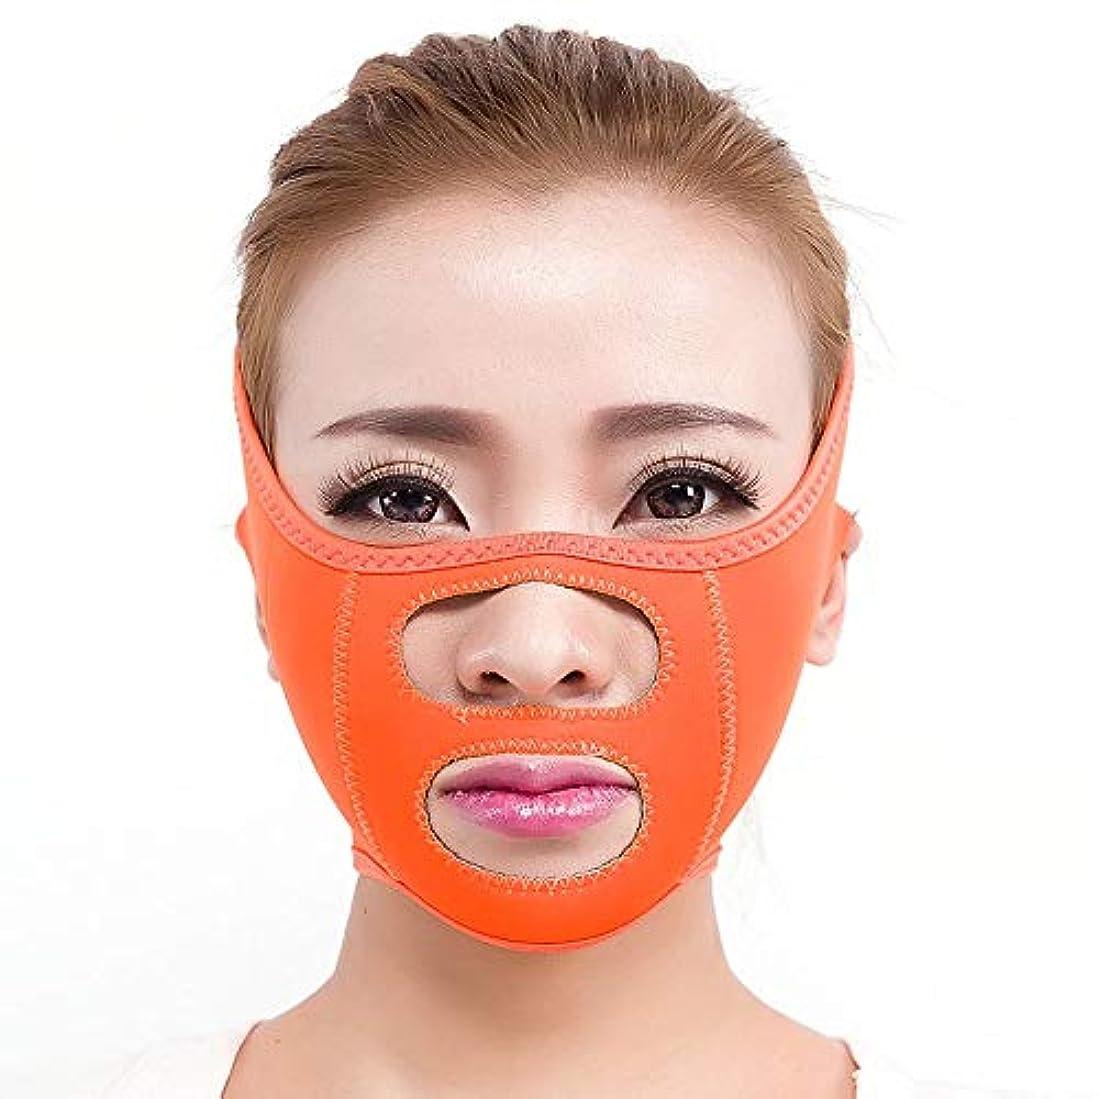 推進、動かすエンジニアリングフェリーGYZ シンフェイスマスクシンフェイス包帯シンフェイスアーティファクトシンフェイスフェイシャルリフティングシンフェイススモールVフェイススリープシンフェイスベルト Thin Face Belt (Color : A)